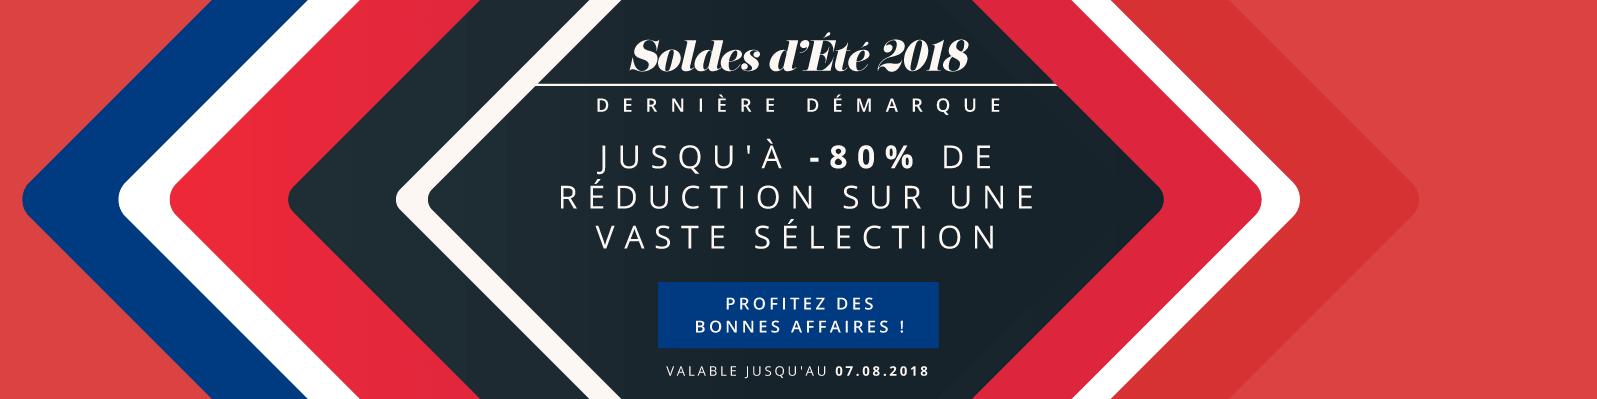 Soldes d'Été 2018 - Dernière Démarque - Jusqu'à -80% de réduction sur une Vaste Sélection